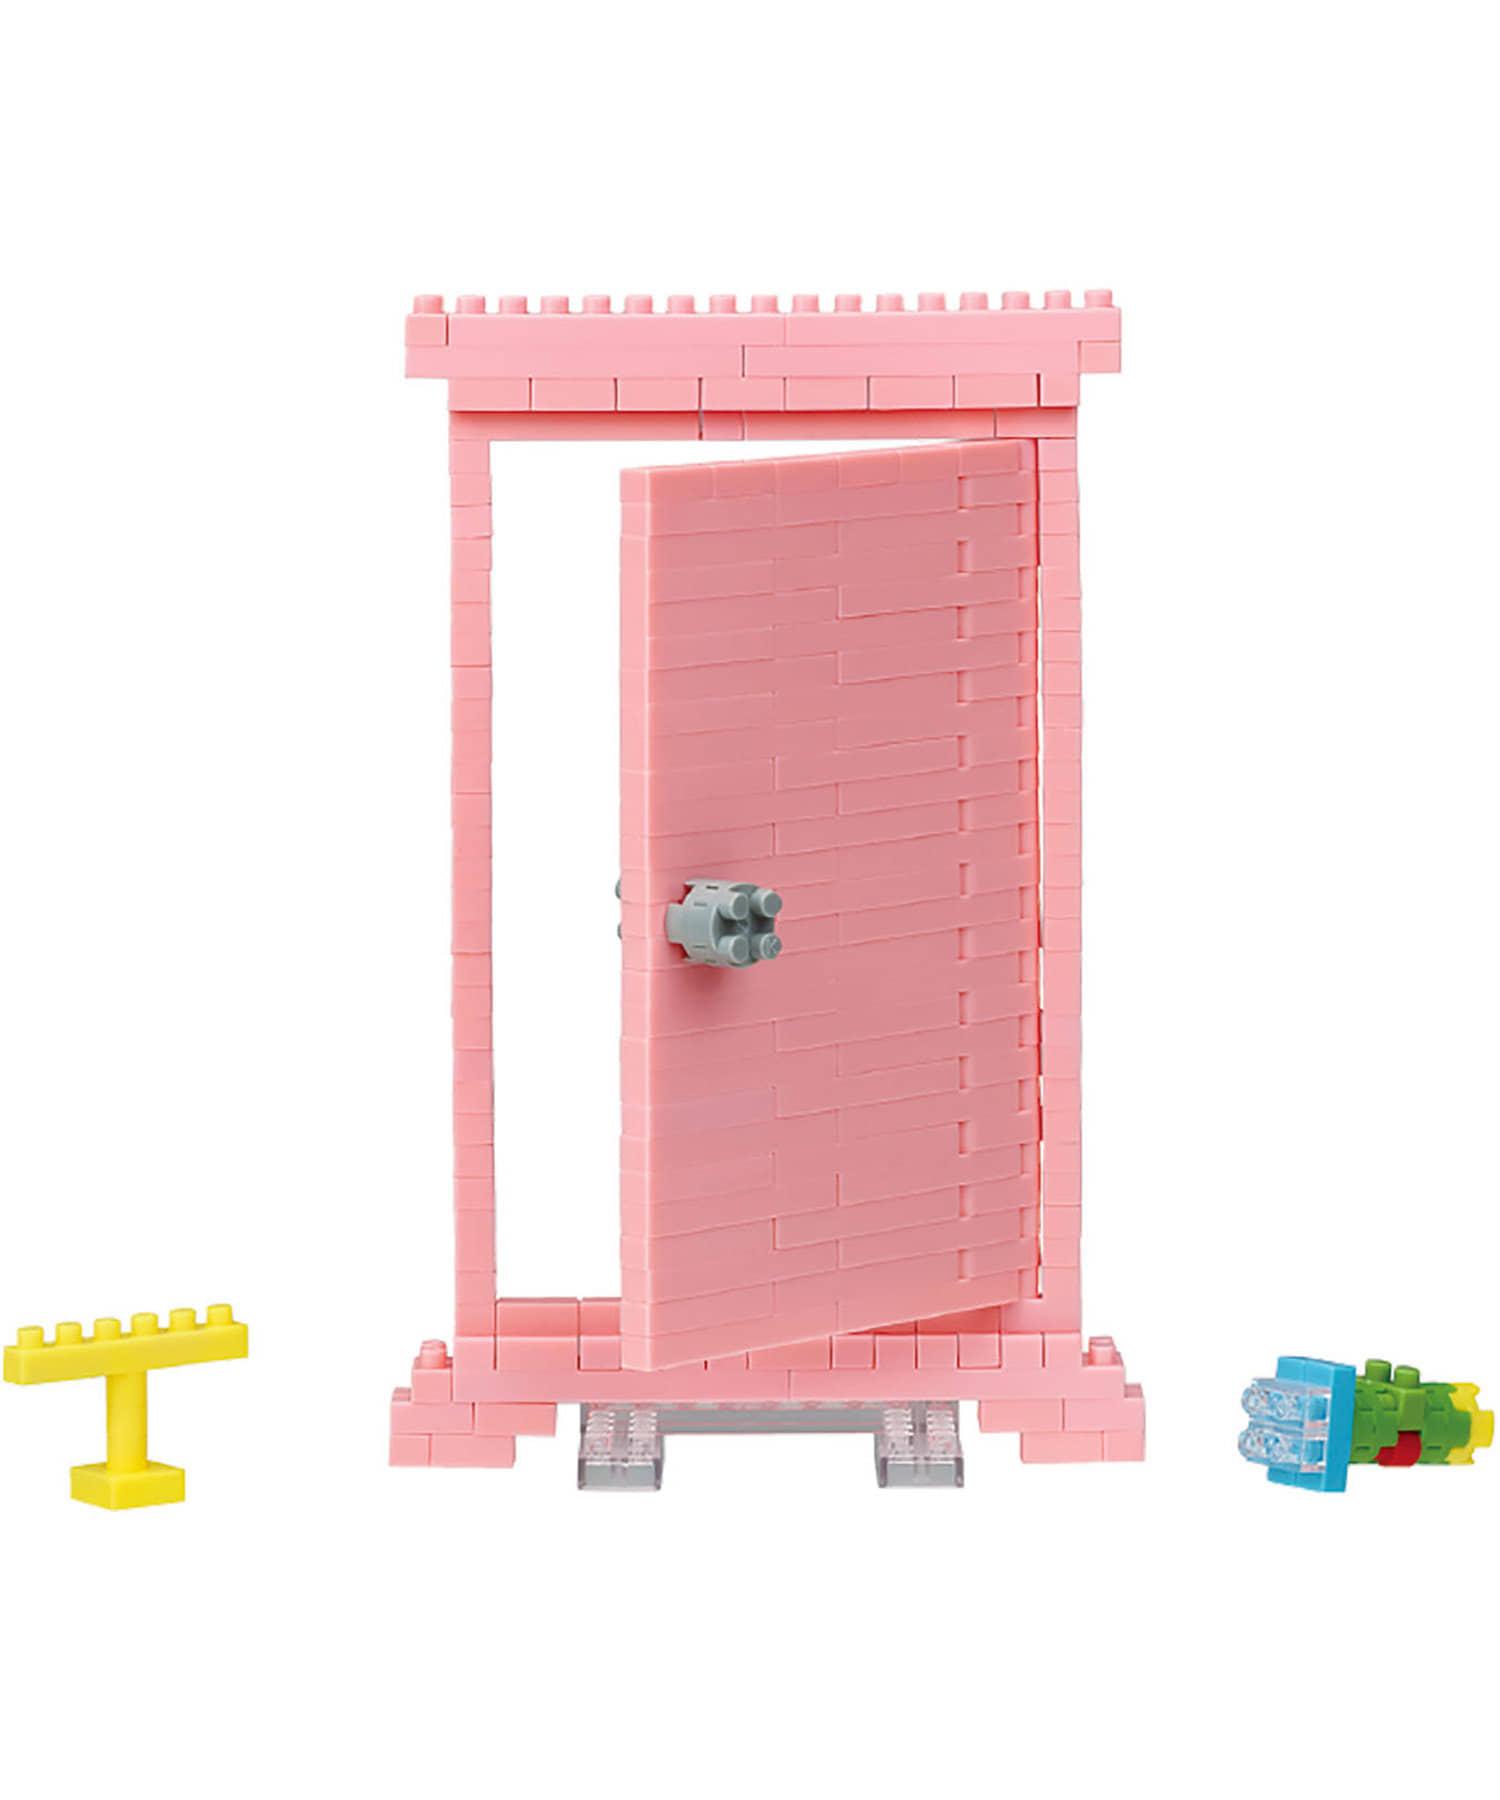 CIAOPANIC TYPY(チャオパニックティピー) CIAOPANIC TYPY(チャオパニックティピー) 【KIDS】nanoblock? どこでもドア&スモールライト&タケコプター カラーなし